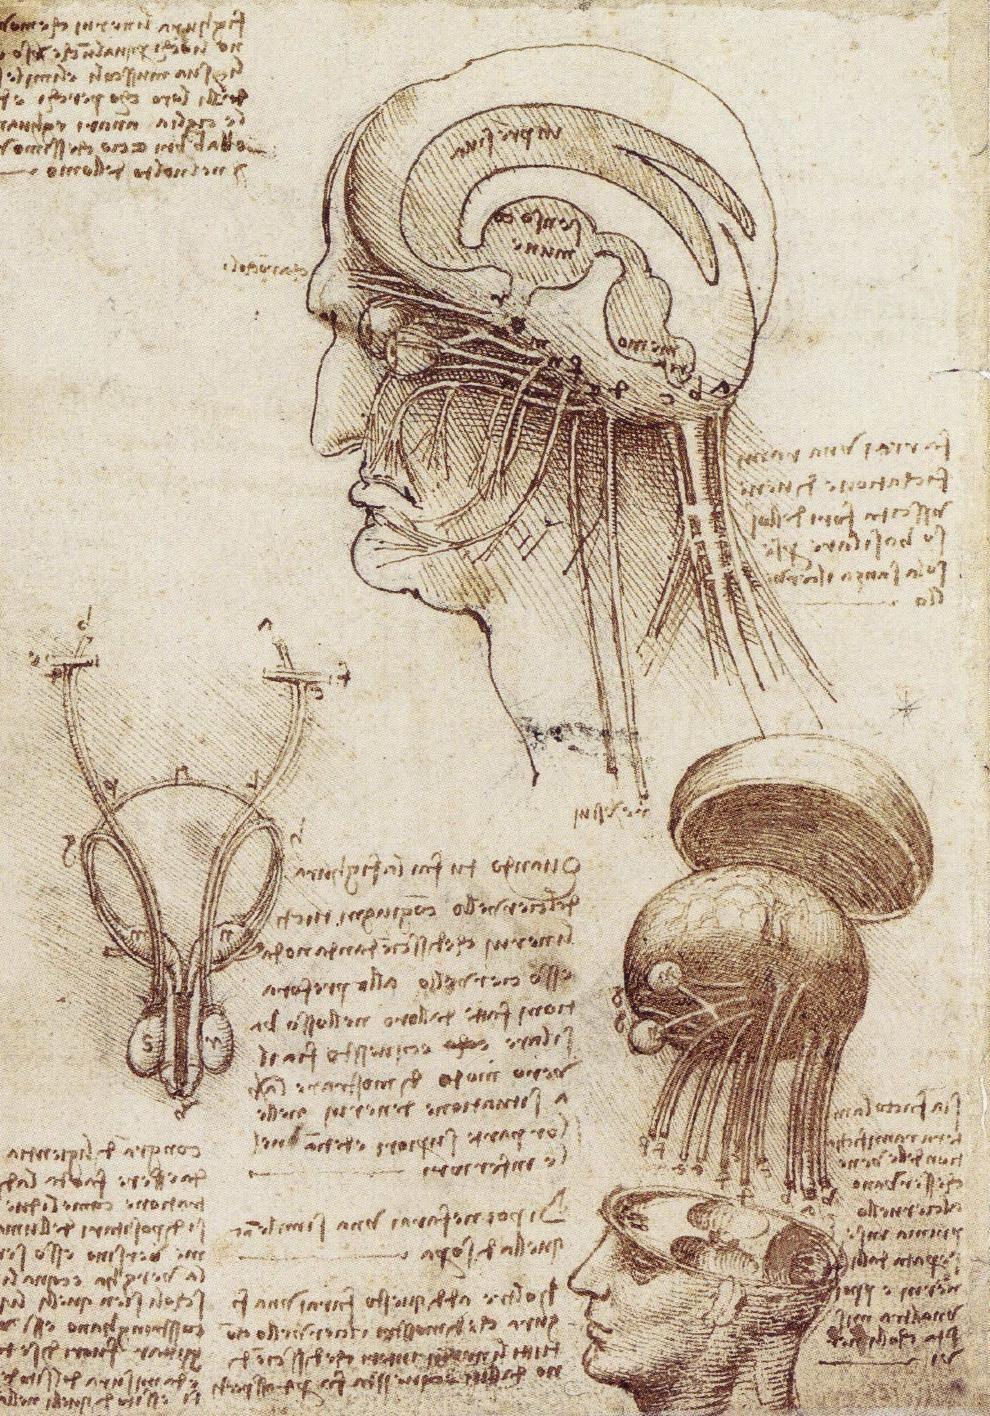 Леонардо да Винчи. Исследование человеческого мозга